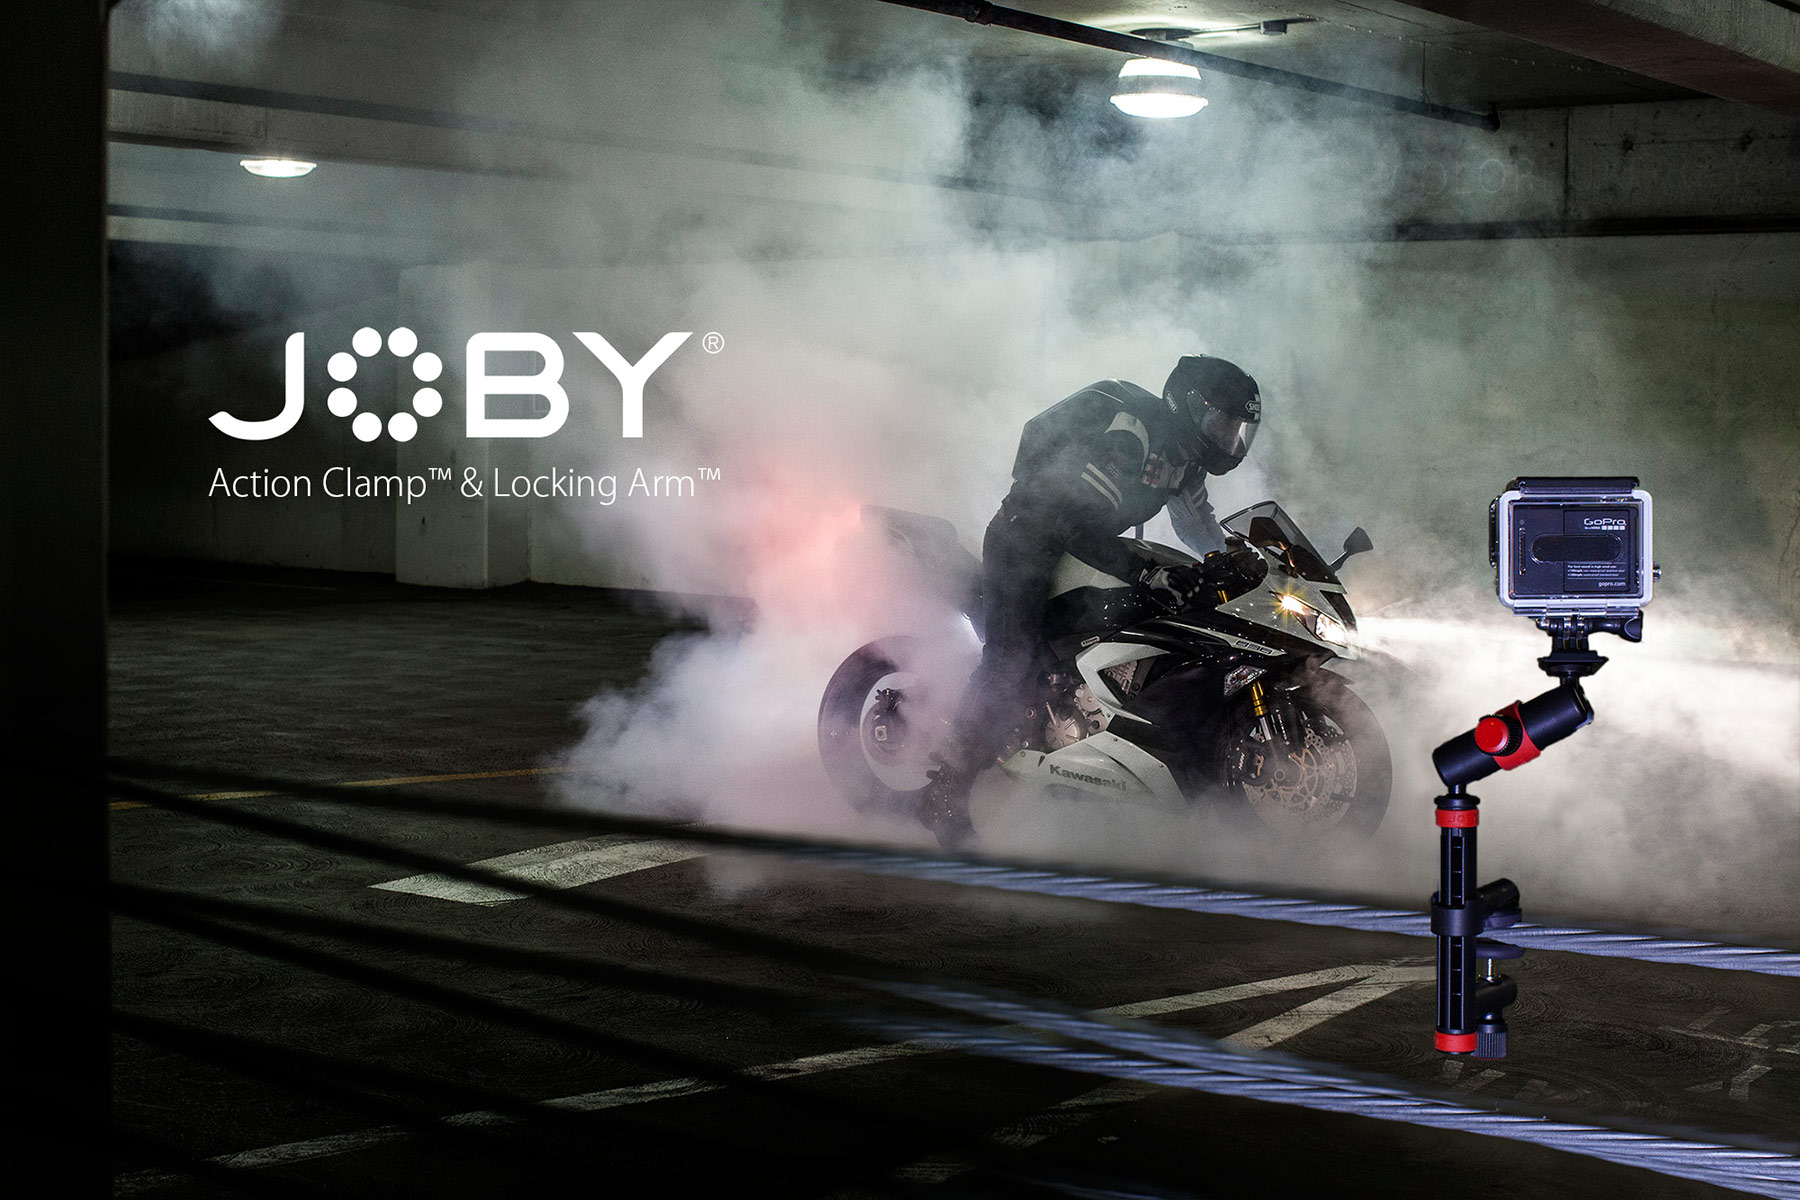 JOBY-Burnout-1800